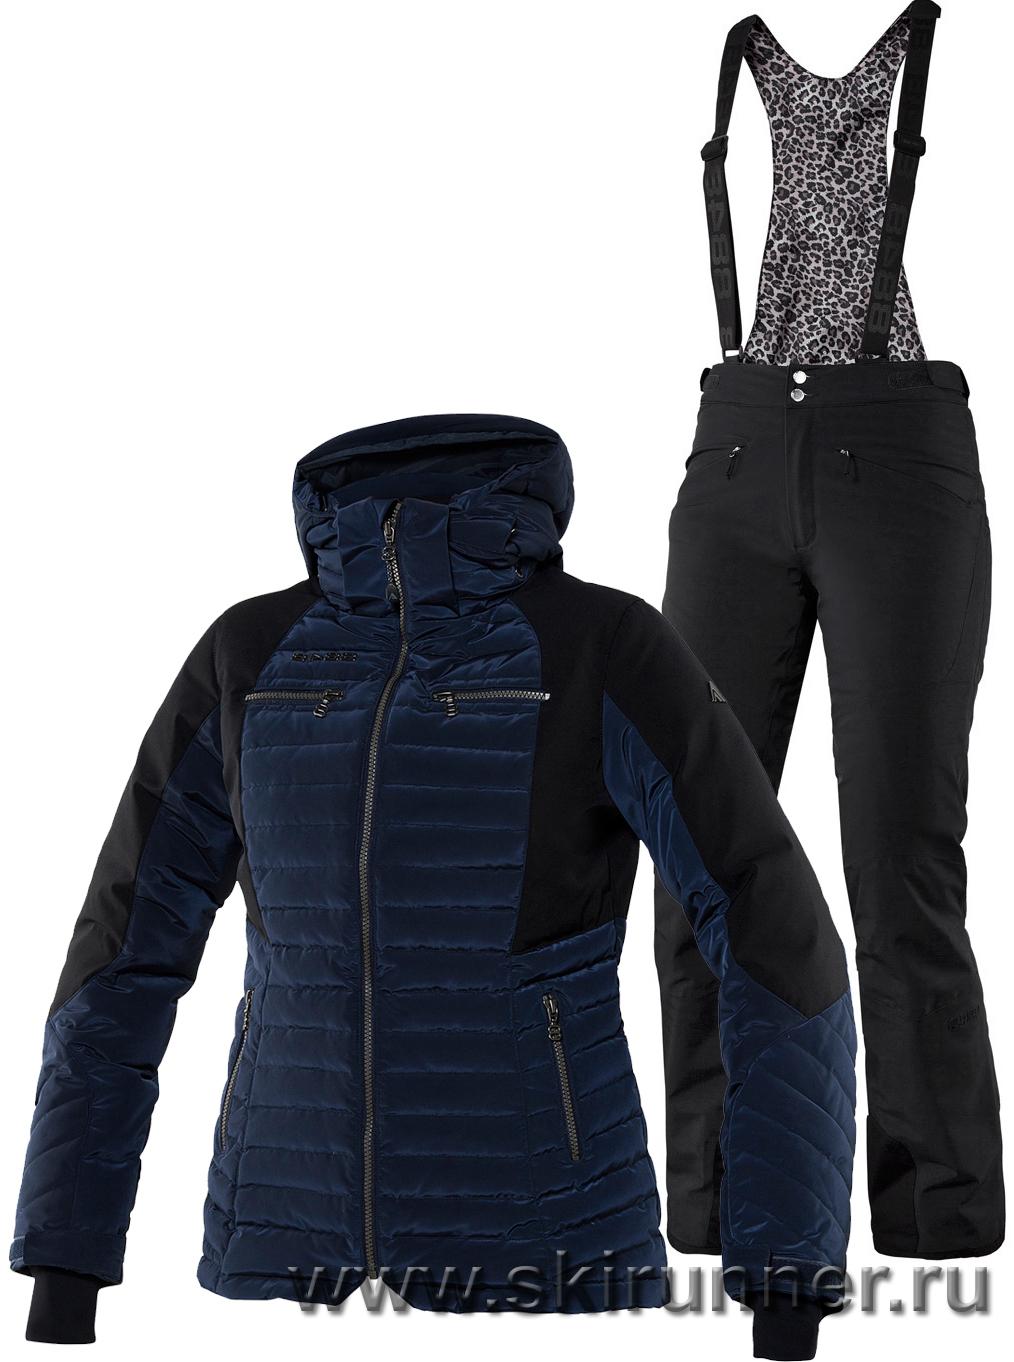 Теплые женские горнолыжные костюмы